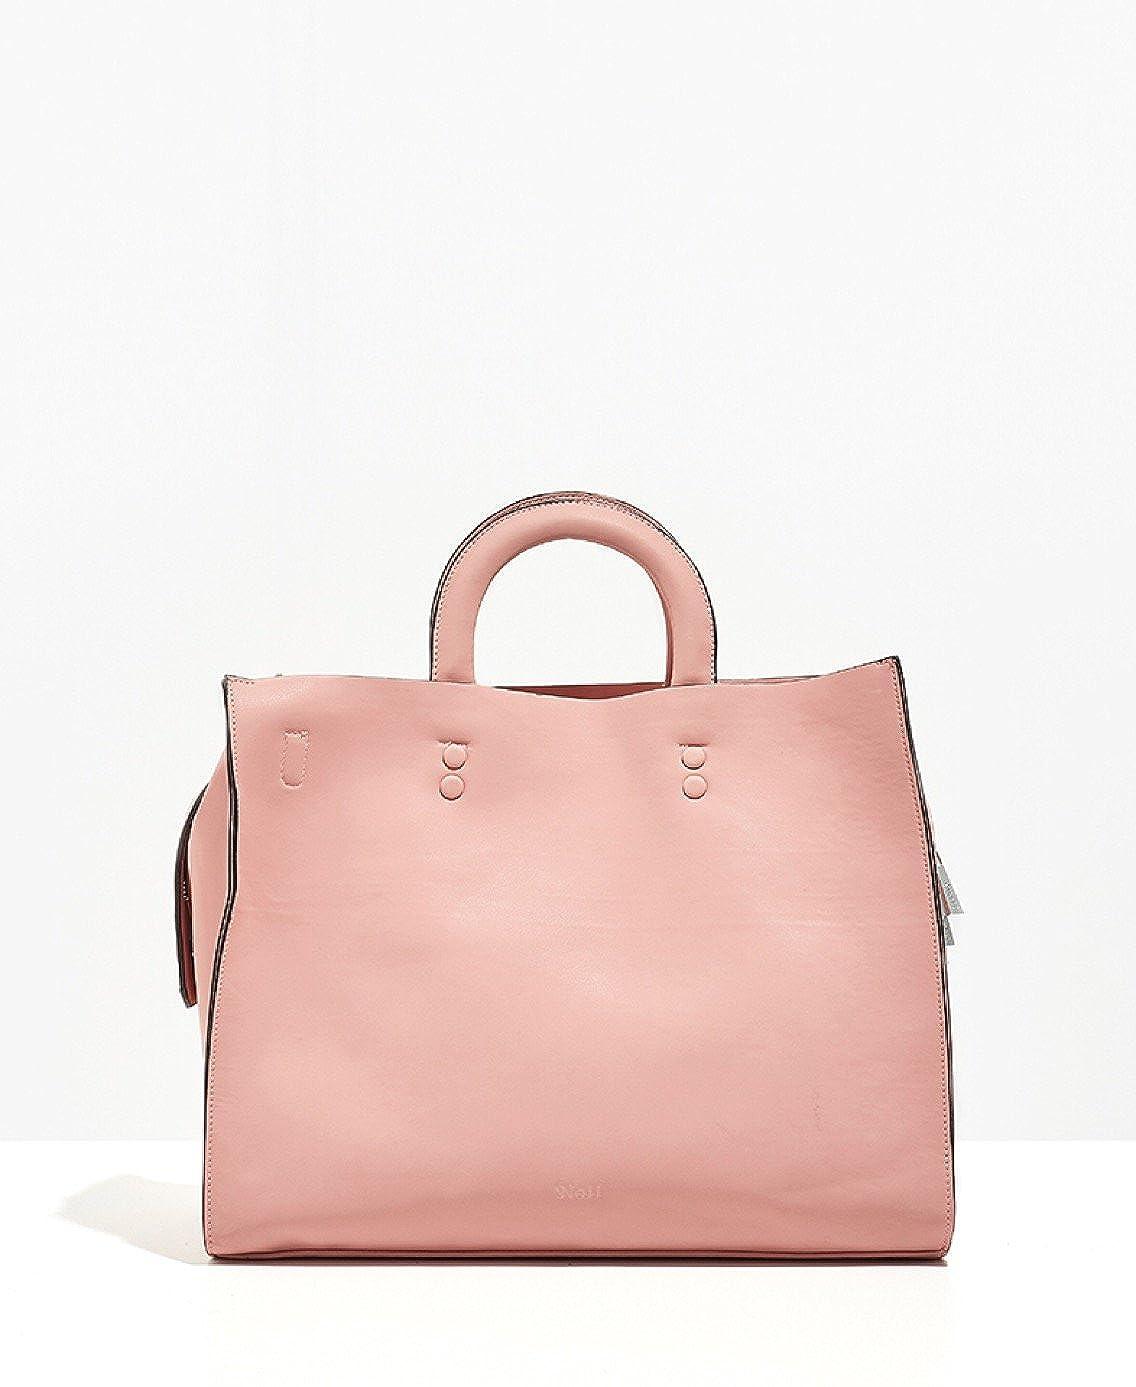 95f8d062e6 Borsa Nalì due manici a mano + tracolla regolabile e removibile + pochette  estraibile, in ecopelle, rosa: Amazon.it: Scarpe e borse